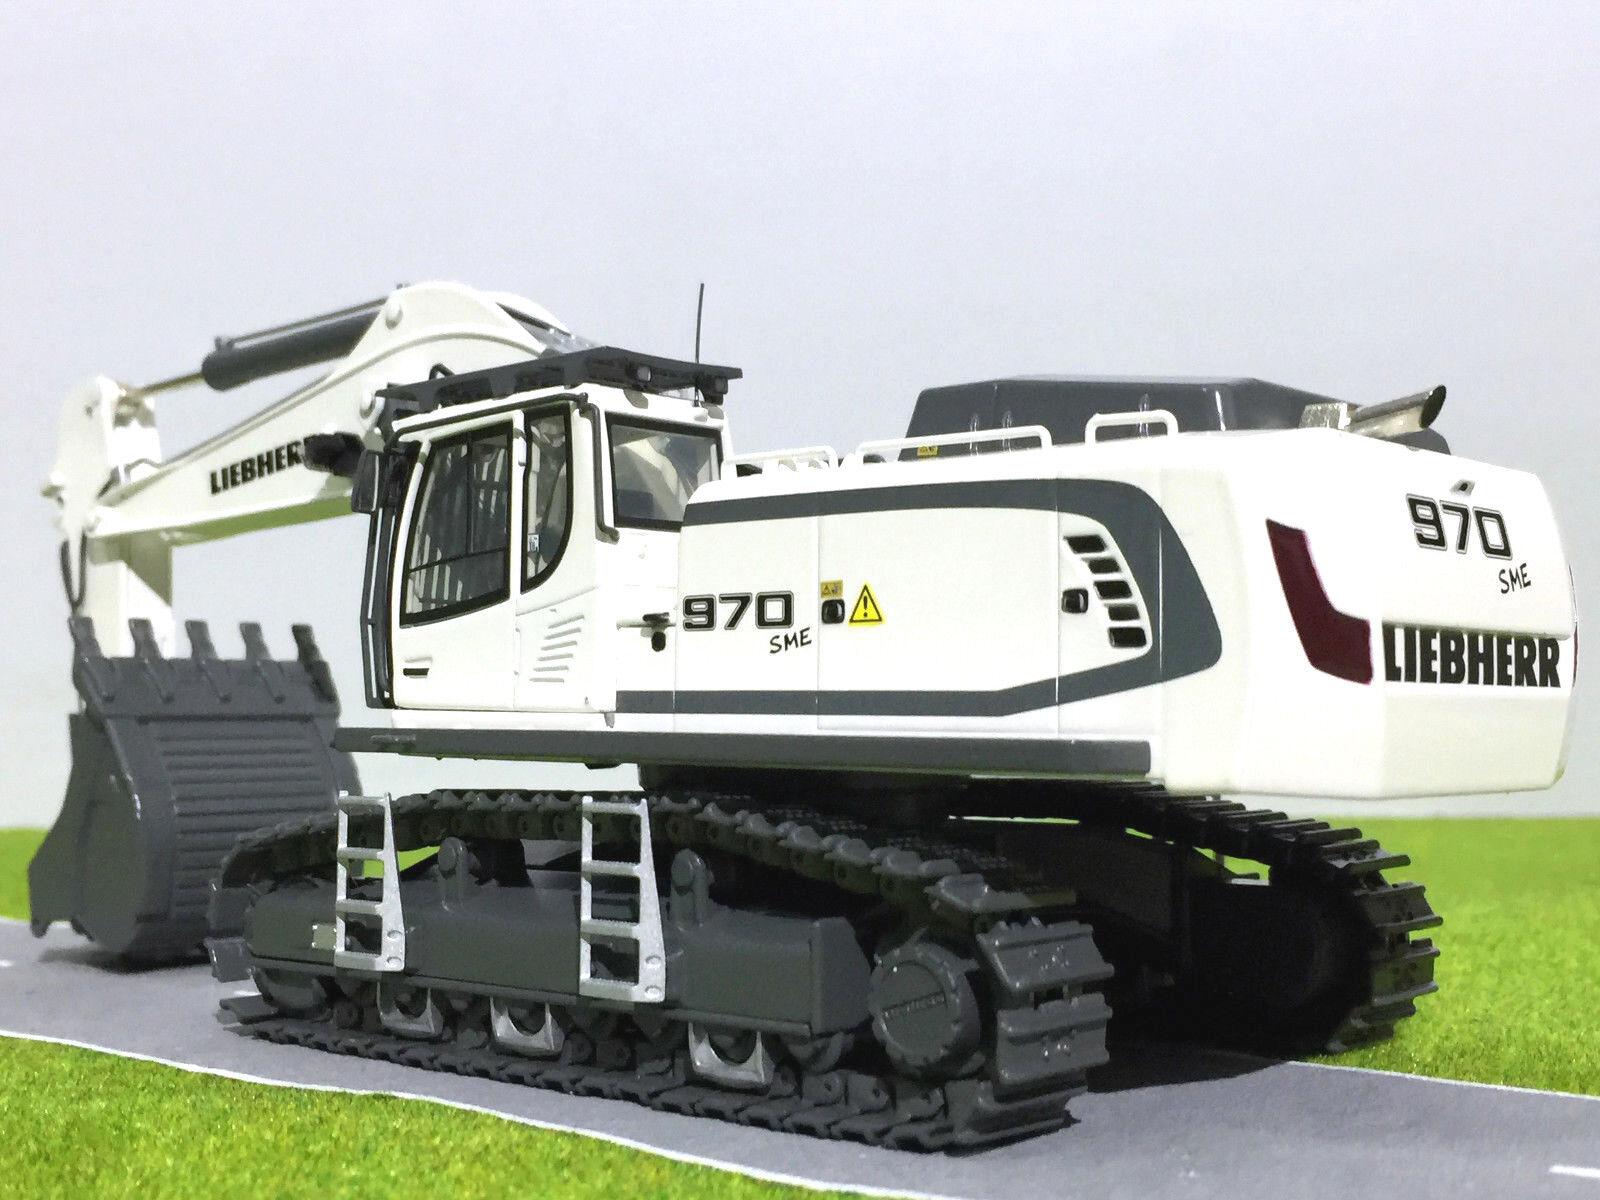 WSI LIEBHERR MINING R970-SME EXCAVATOR